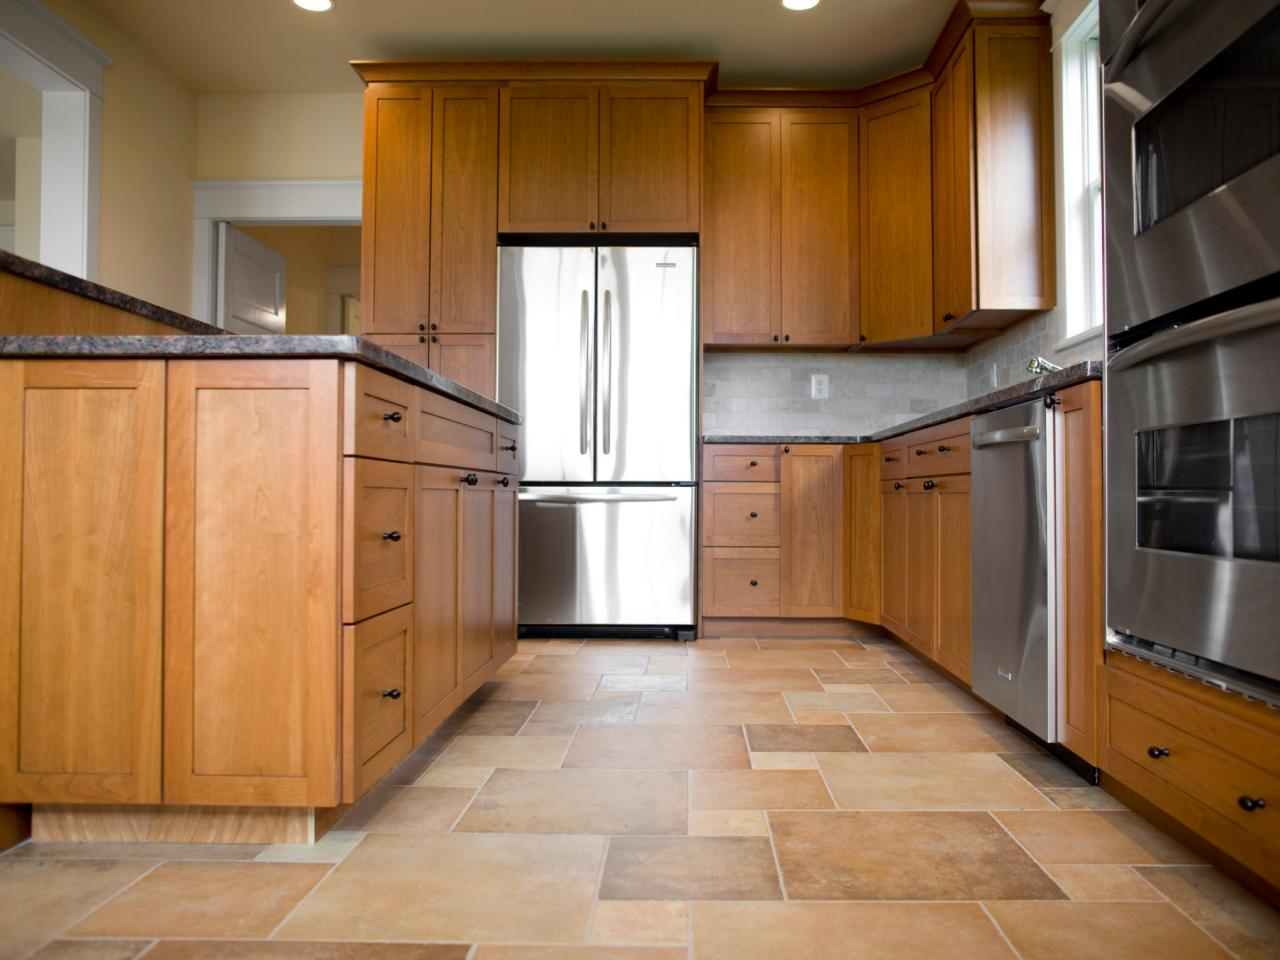 best flooring whatu0027s the best kitchen floor tile? XSKKMAN